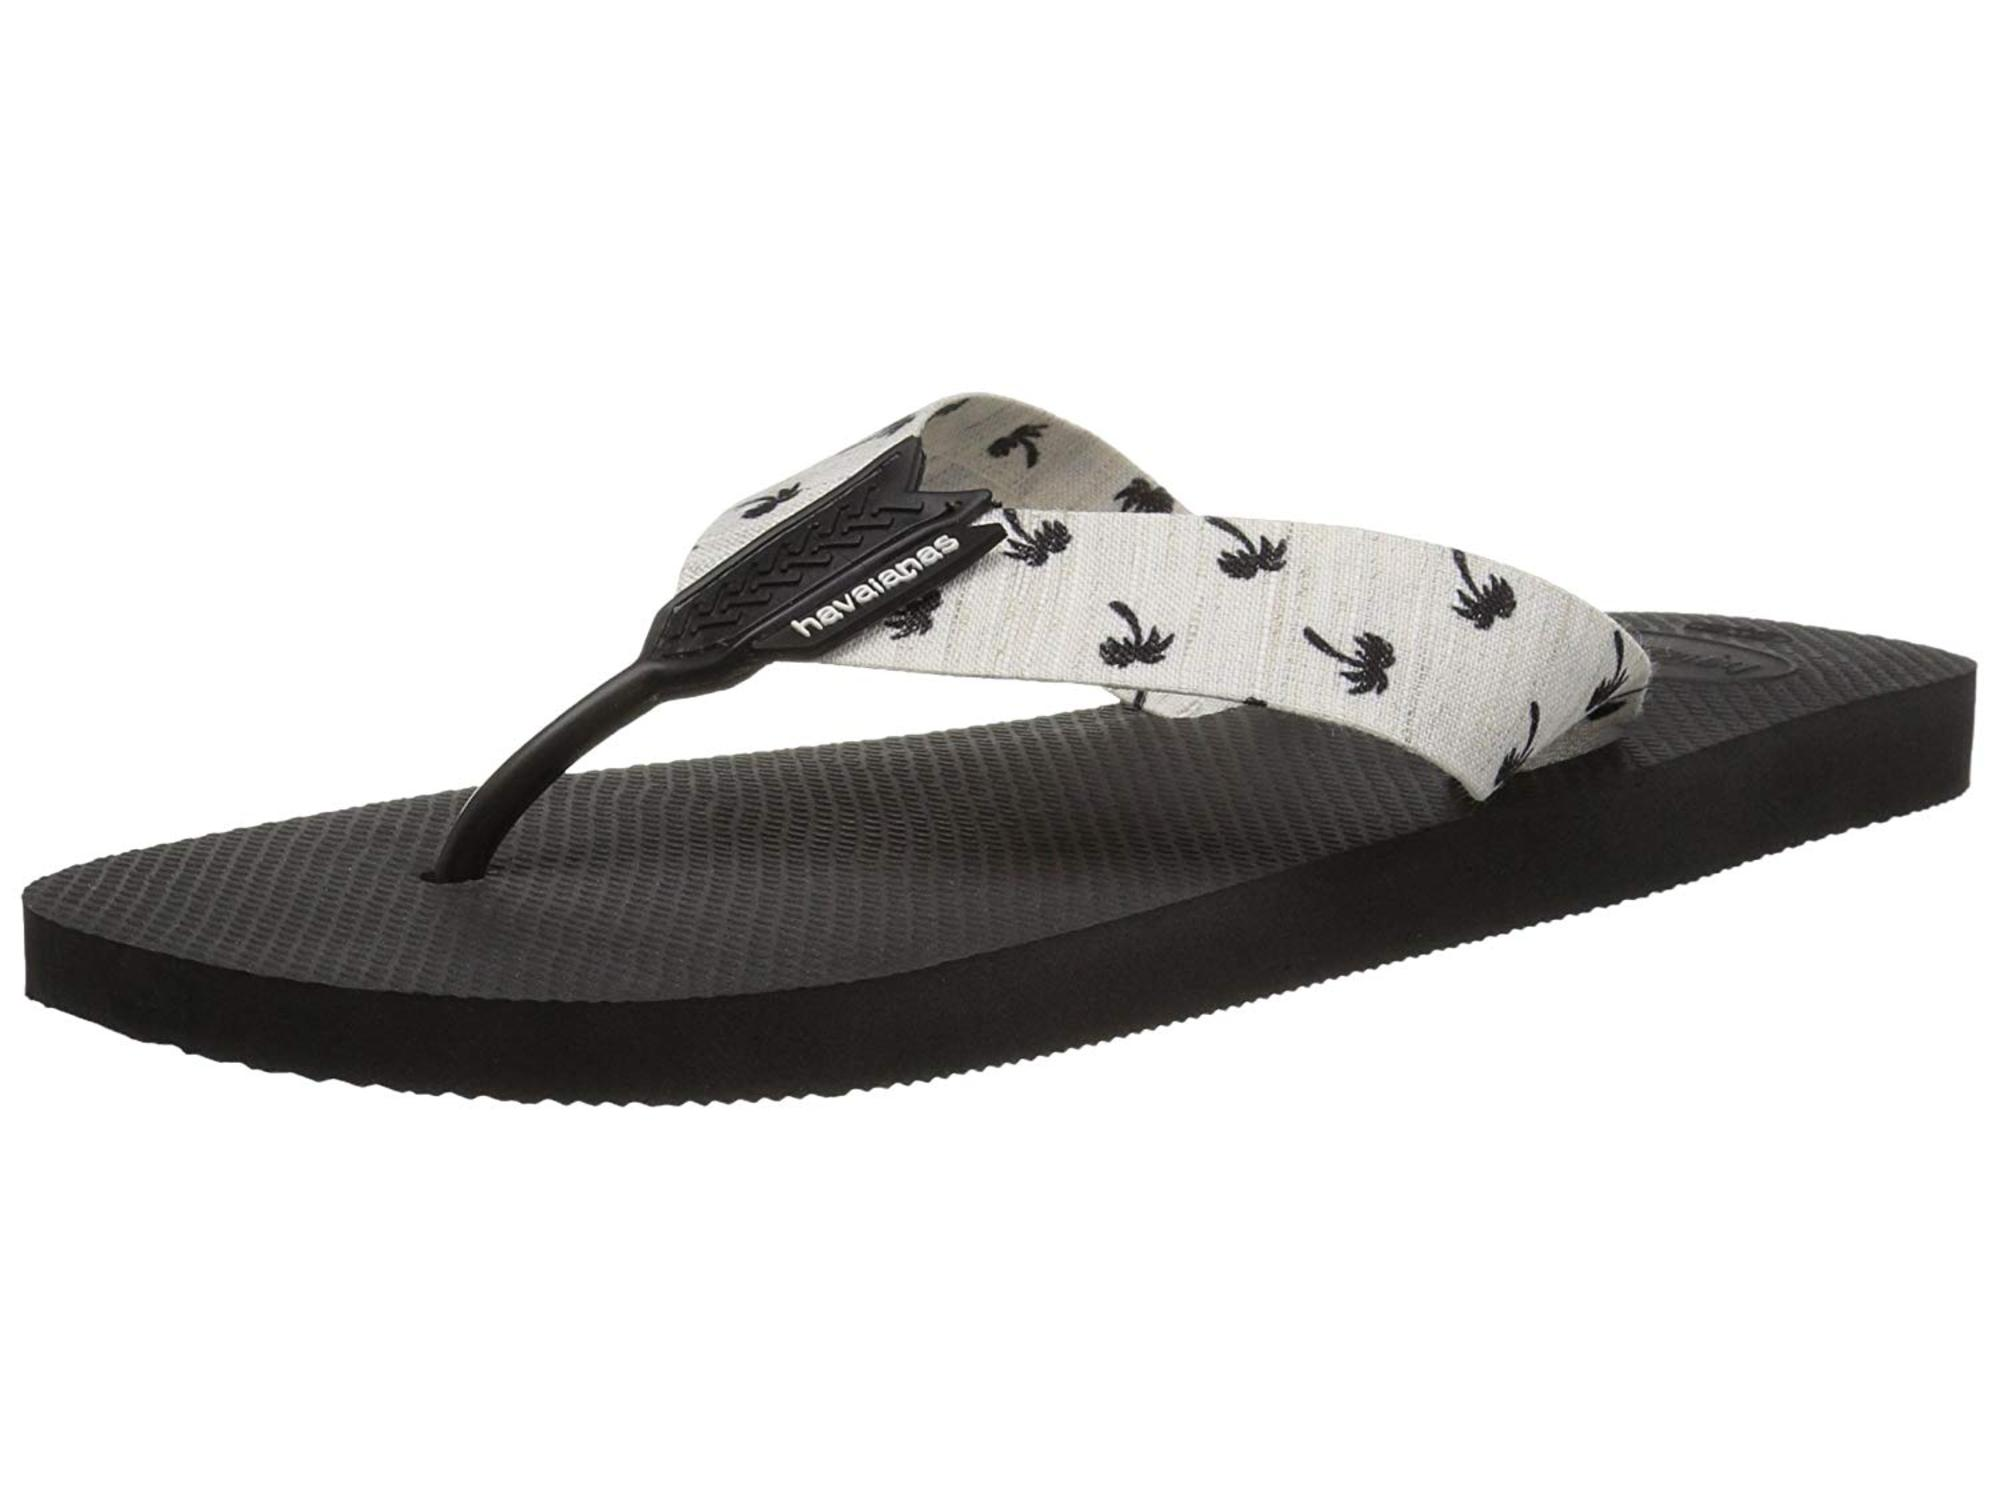 a8e29b805715cf Havaianas Men s Urban Series Sandal Black White